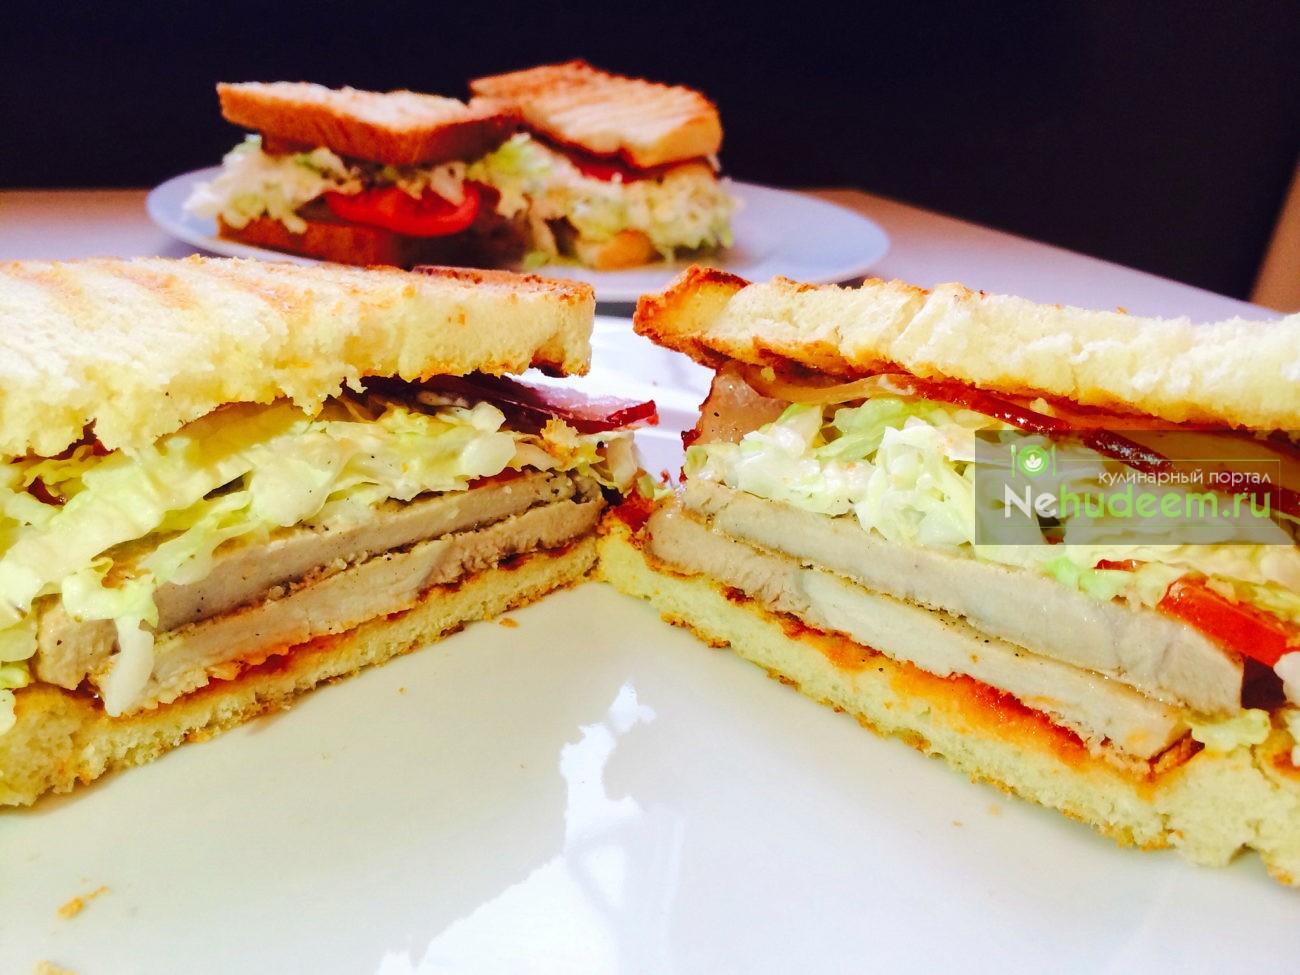 Сэндвич с мясом и беконом